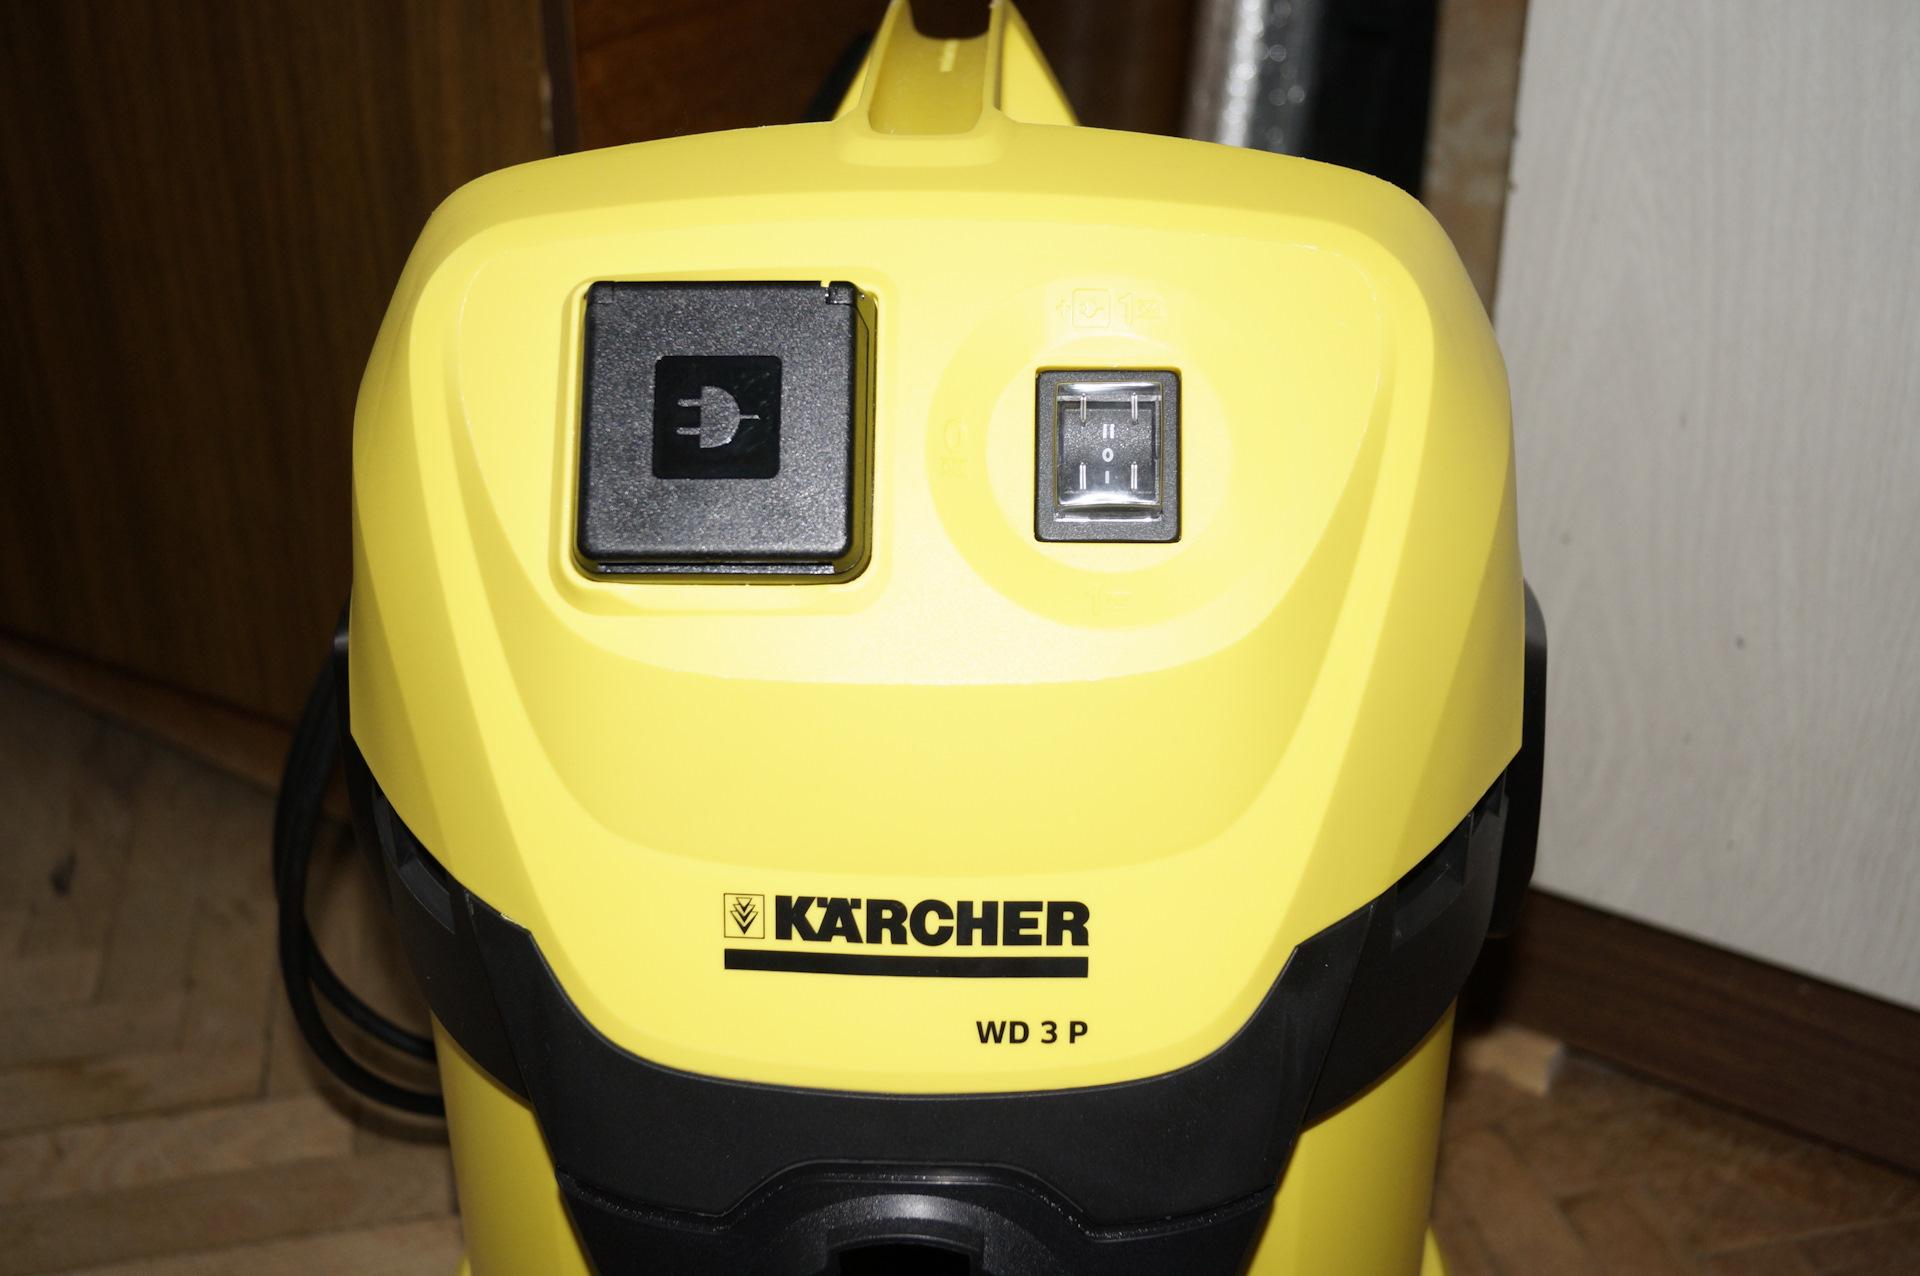 контрбуржуй тюнинг пылесоса Karcher Wd 3 P сообщество